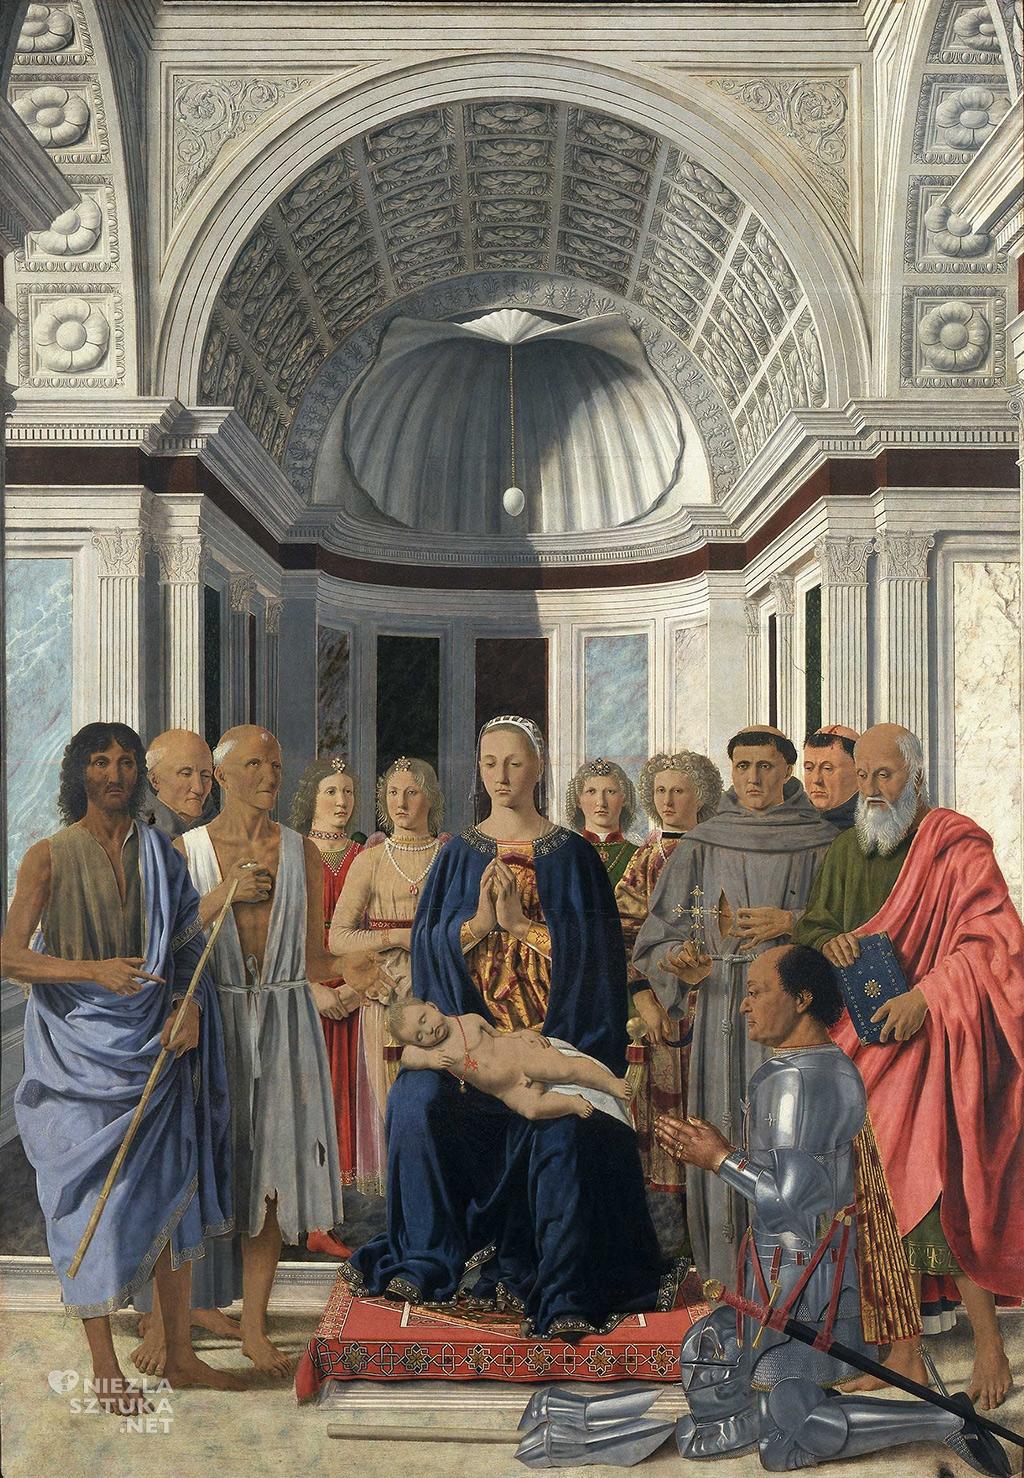 Piero della Francesca, Madonna z Dzieciątkiem w otoczeniu świętych, Sacra Conversatione